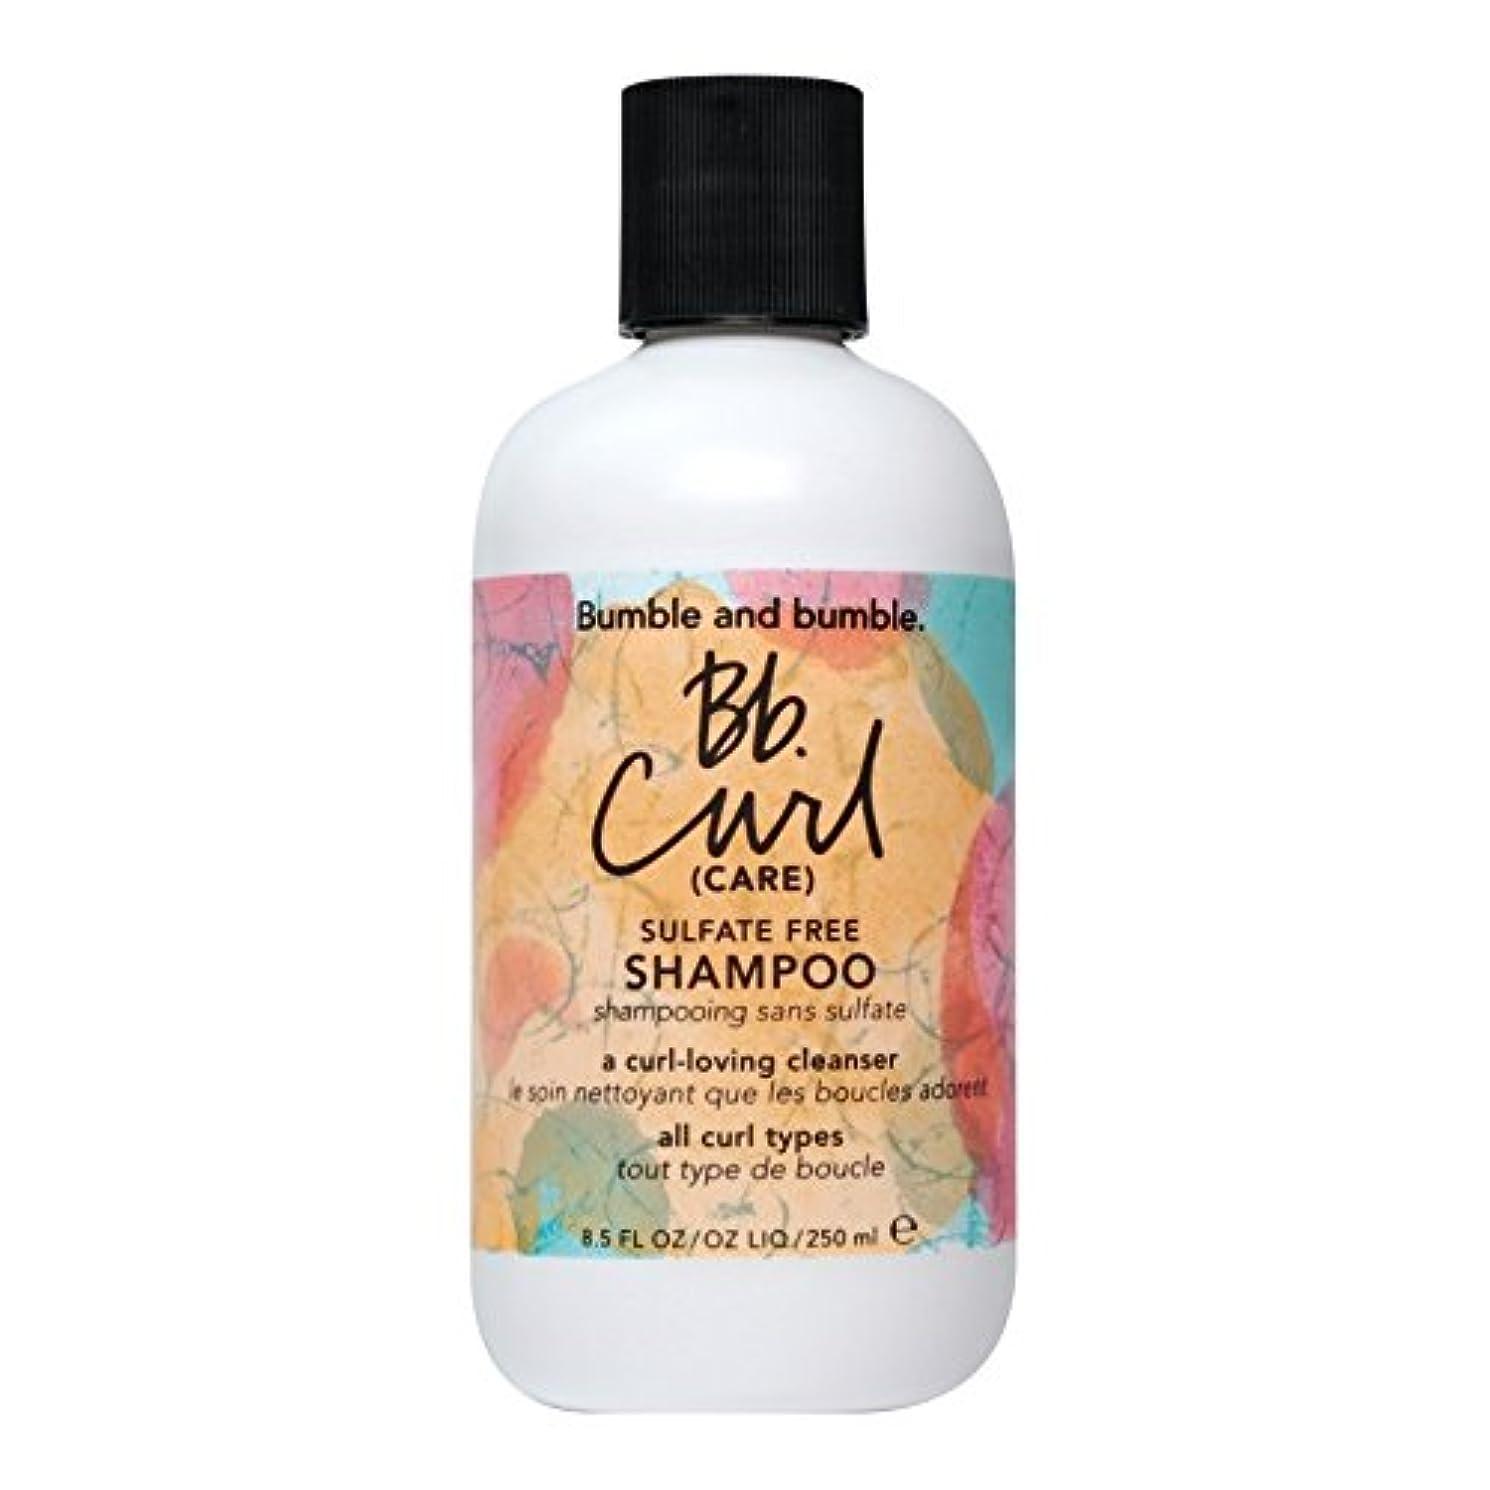 ディプロマに向かって存在カールシャンプー250をバンブルアンドバンブル x4 - Bumble and Bumble Curl Shampoo 250ml (Pack of 4) [並行輸入品]